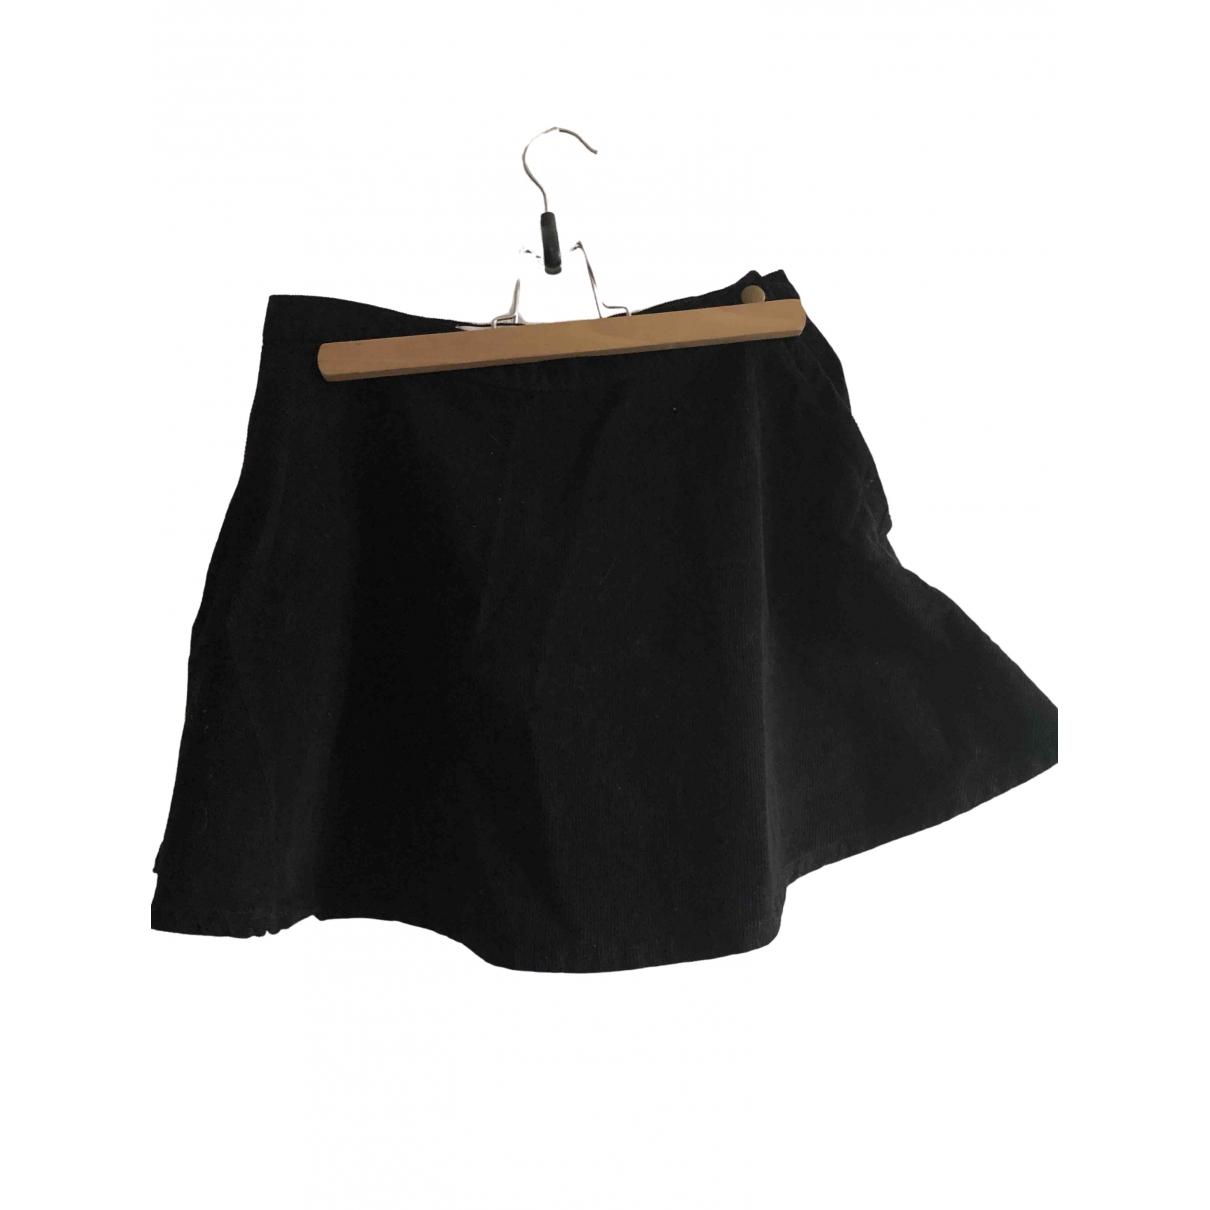 American Apparel - Jupe   pour femme en velours - noir